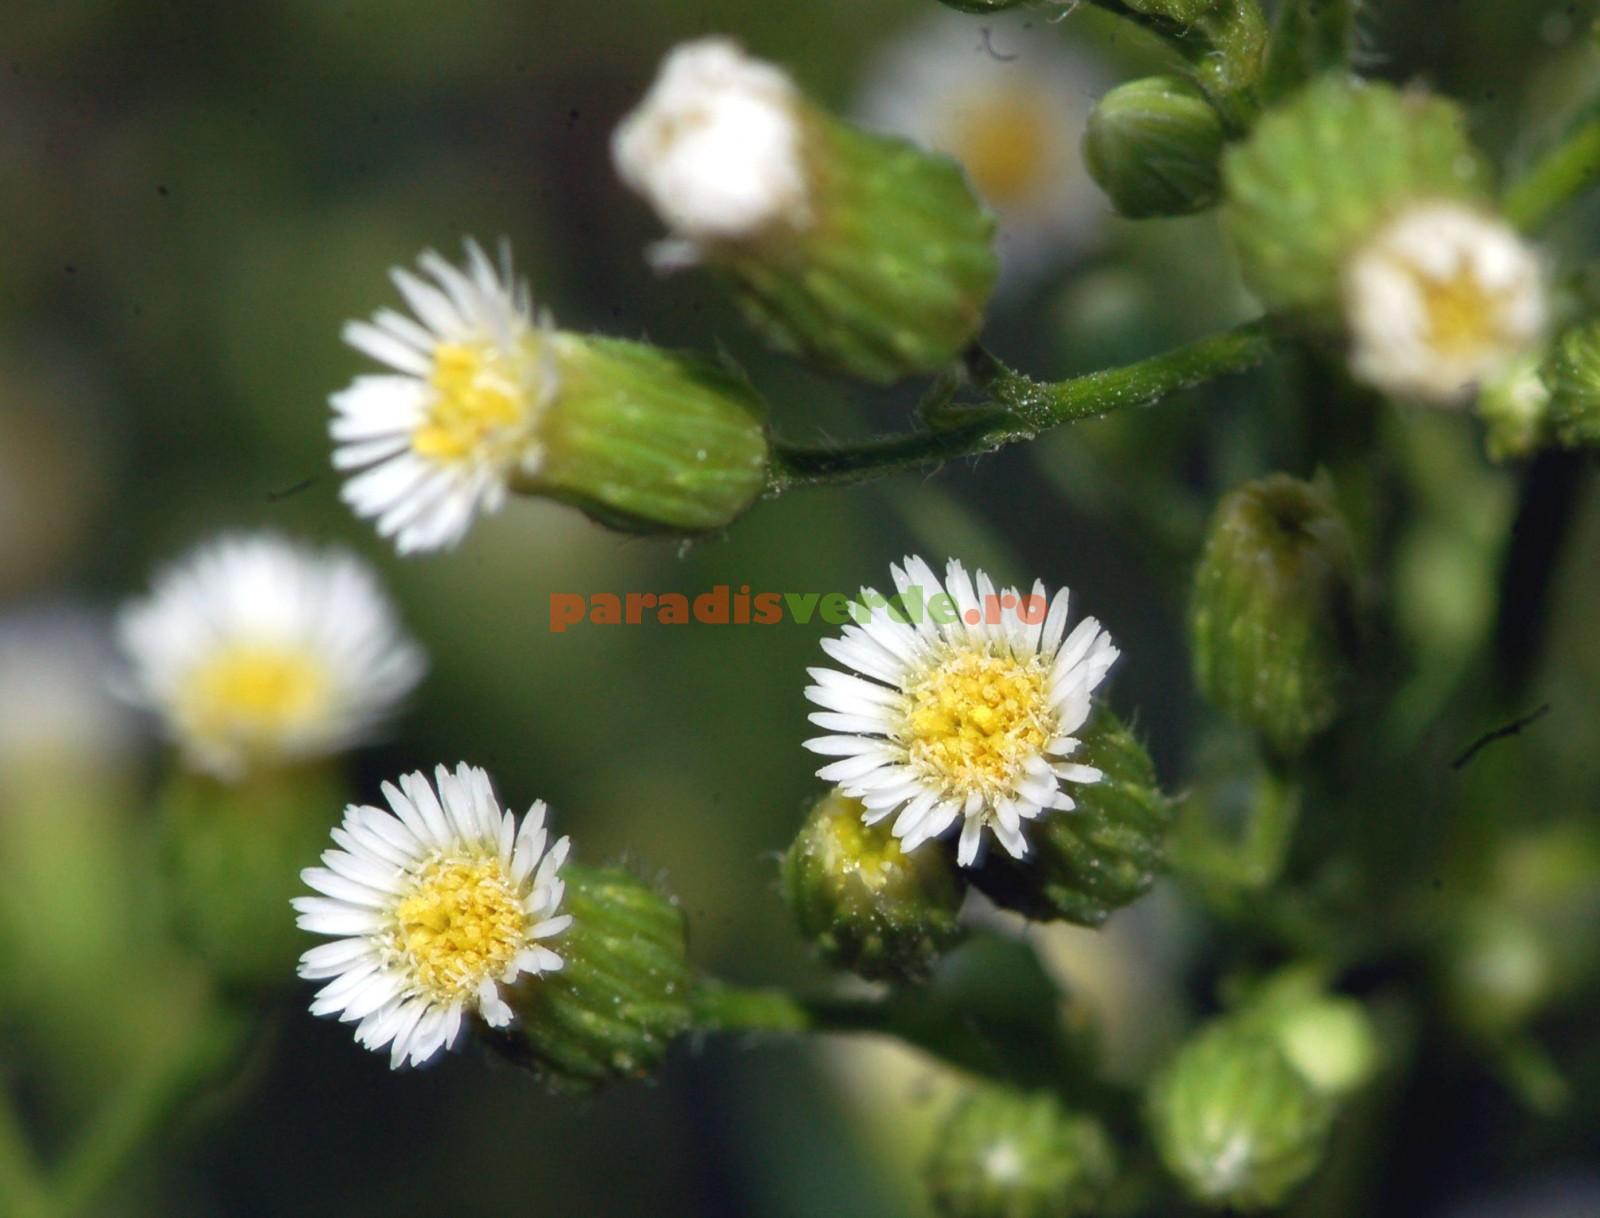 Tratament Natural Pentru Reumatism - Cataplasme Si Bai Calde Cu Plante | Libertatea